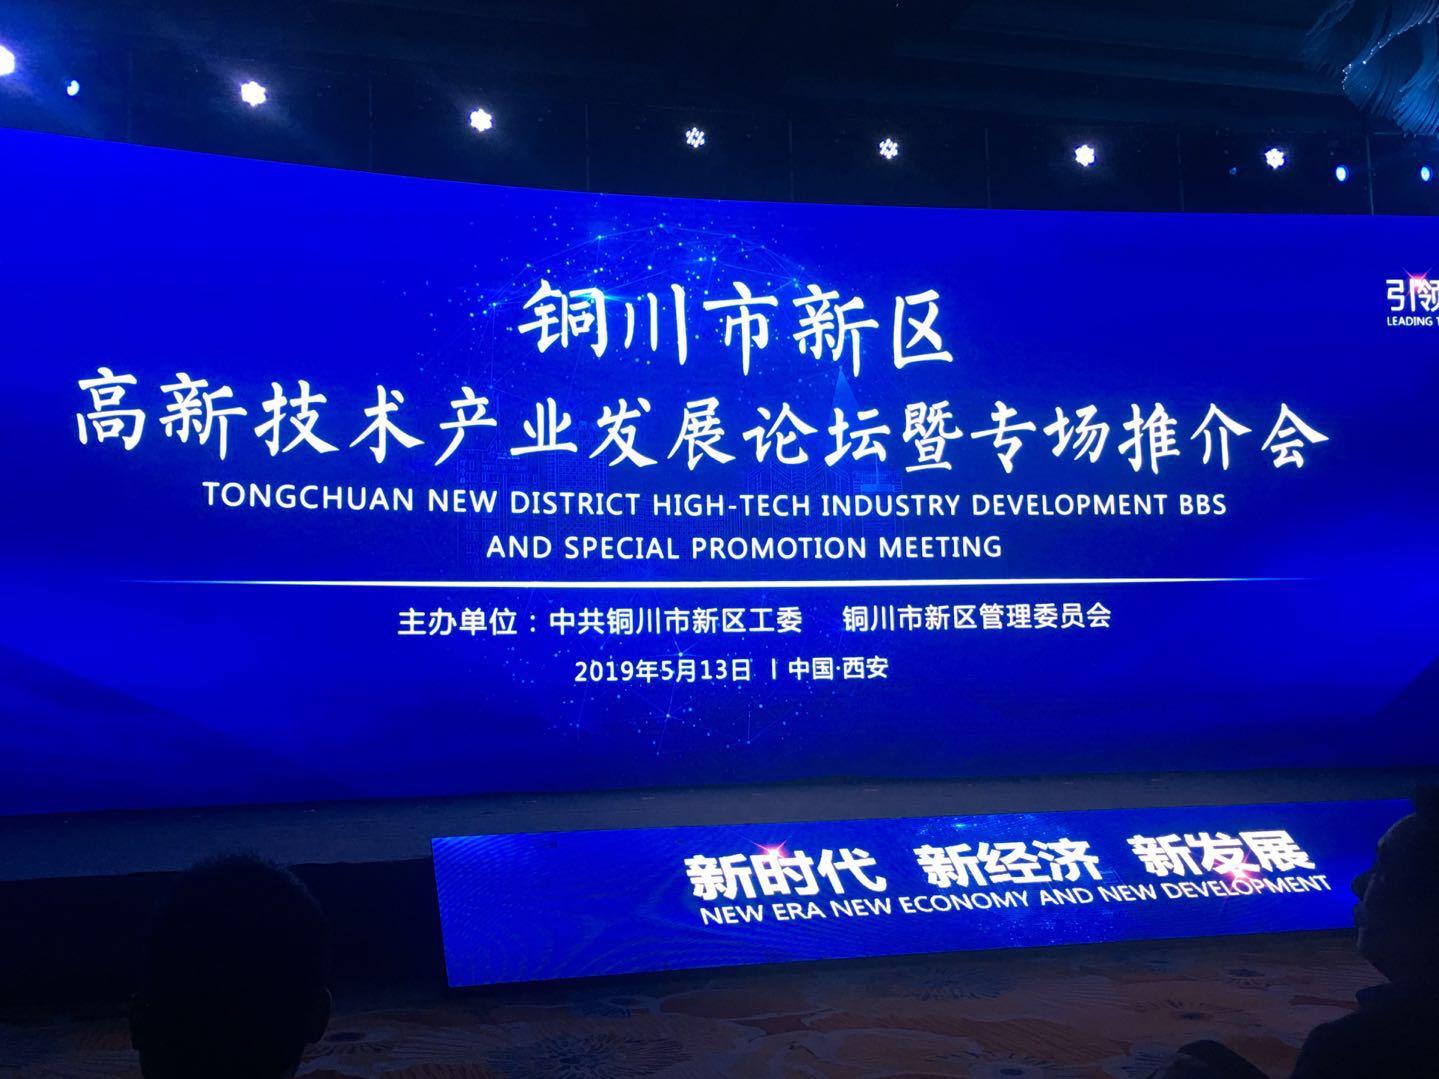 銅川新區:以高新技術産業促轉型發展